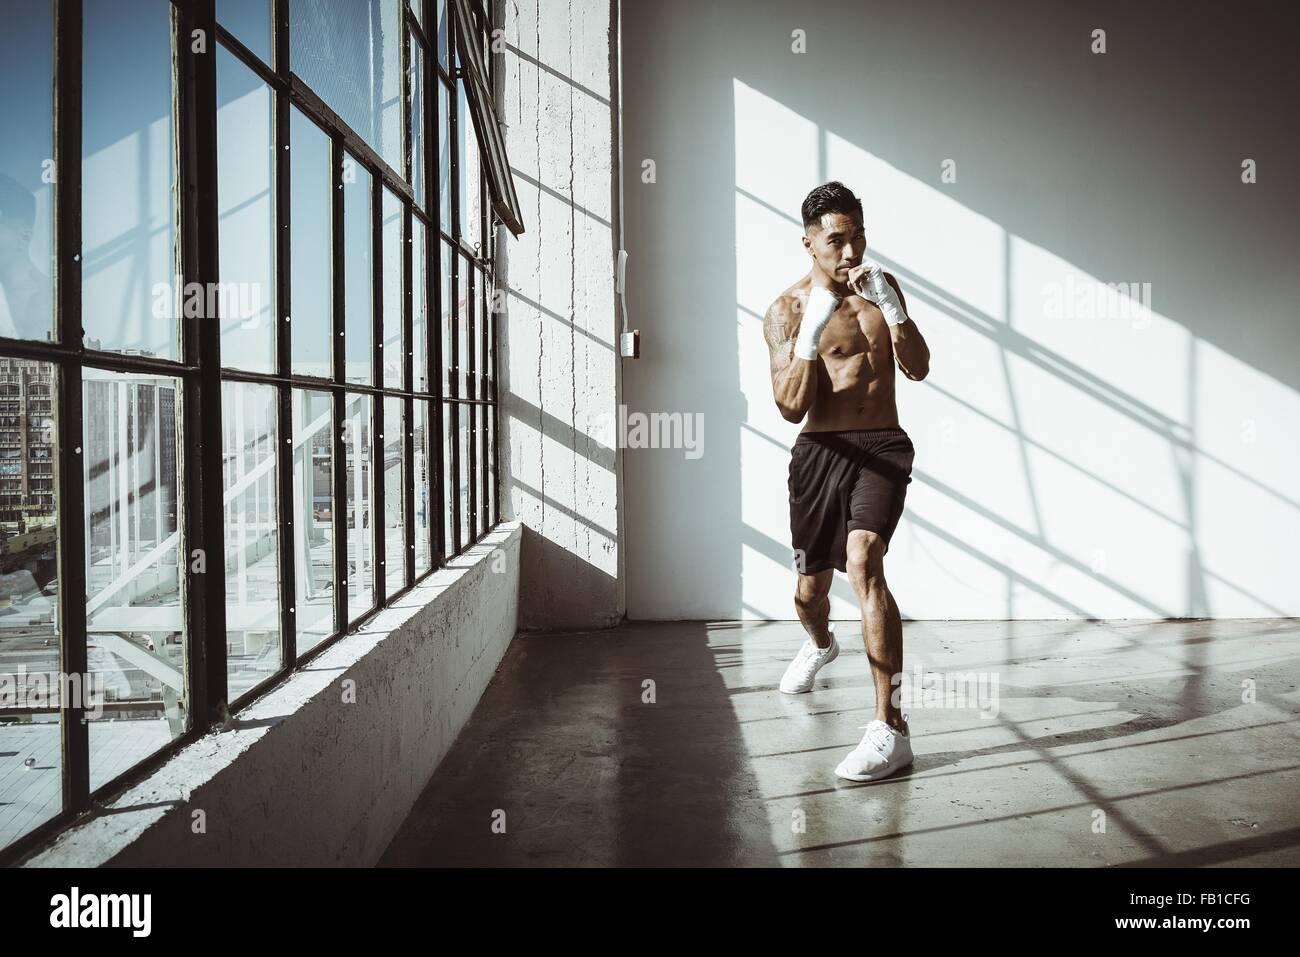 Voller Länge Vorderansicht des Jünglings im Fitness-Studio in Boxen-Haltung, Blick in die Kamera Stockbild